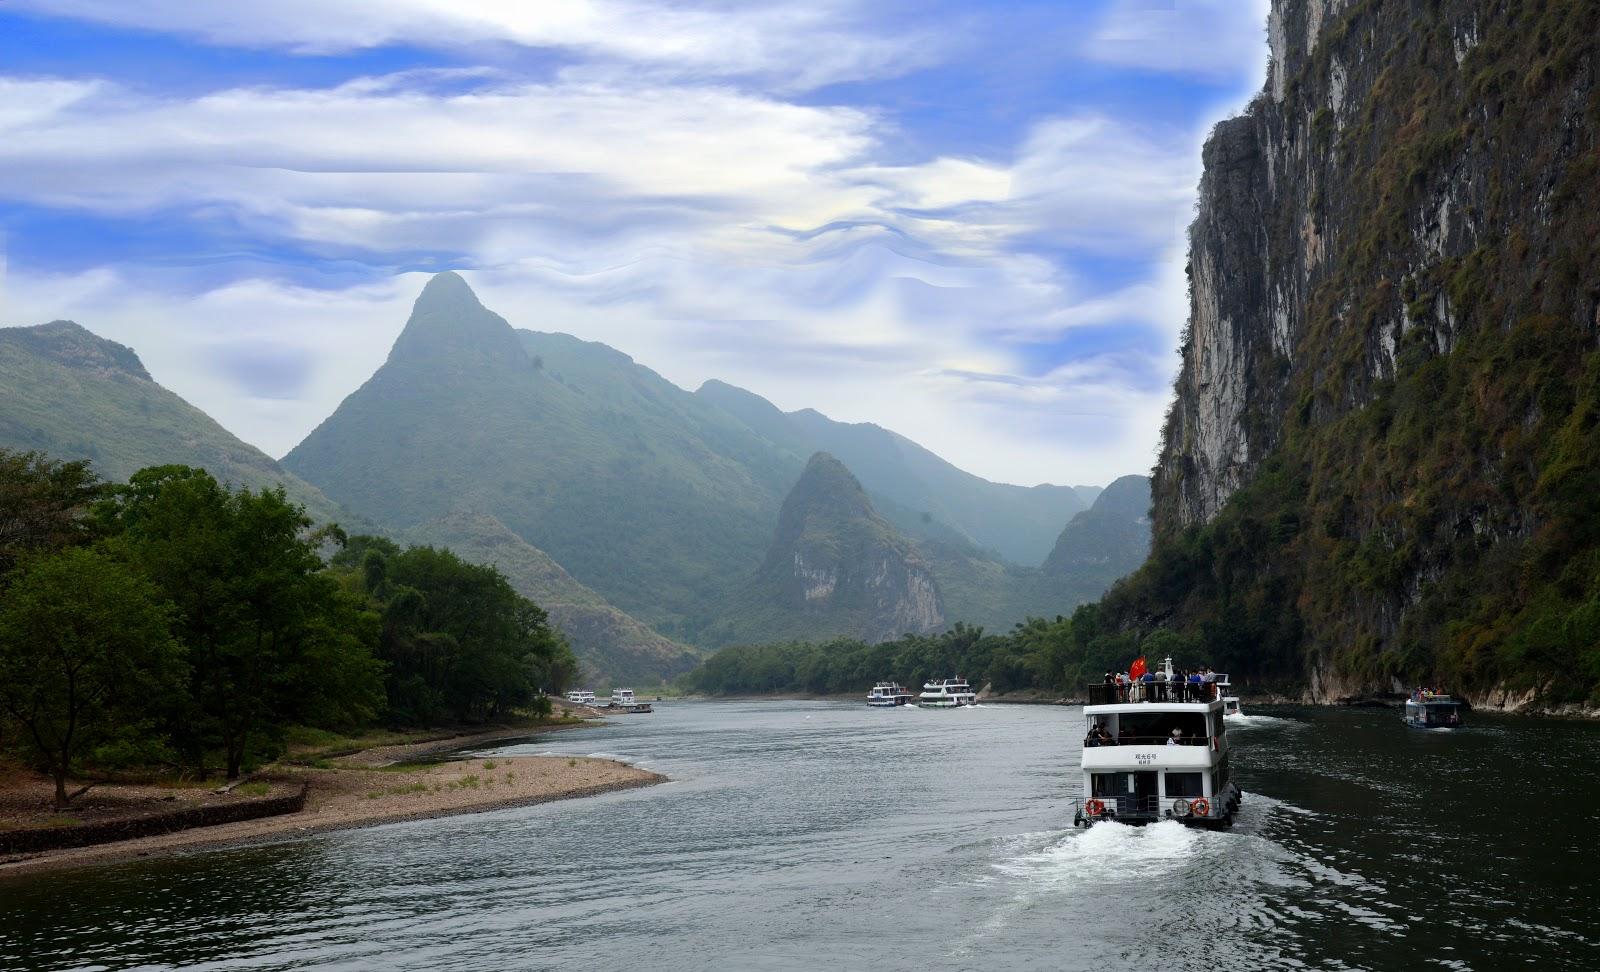 Yangshuo Lijiang River Scenic Area